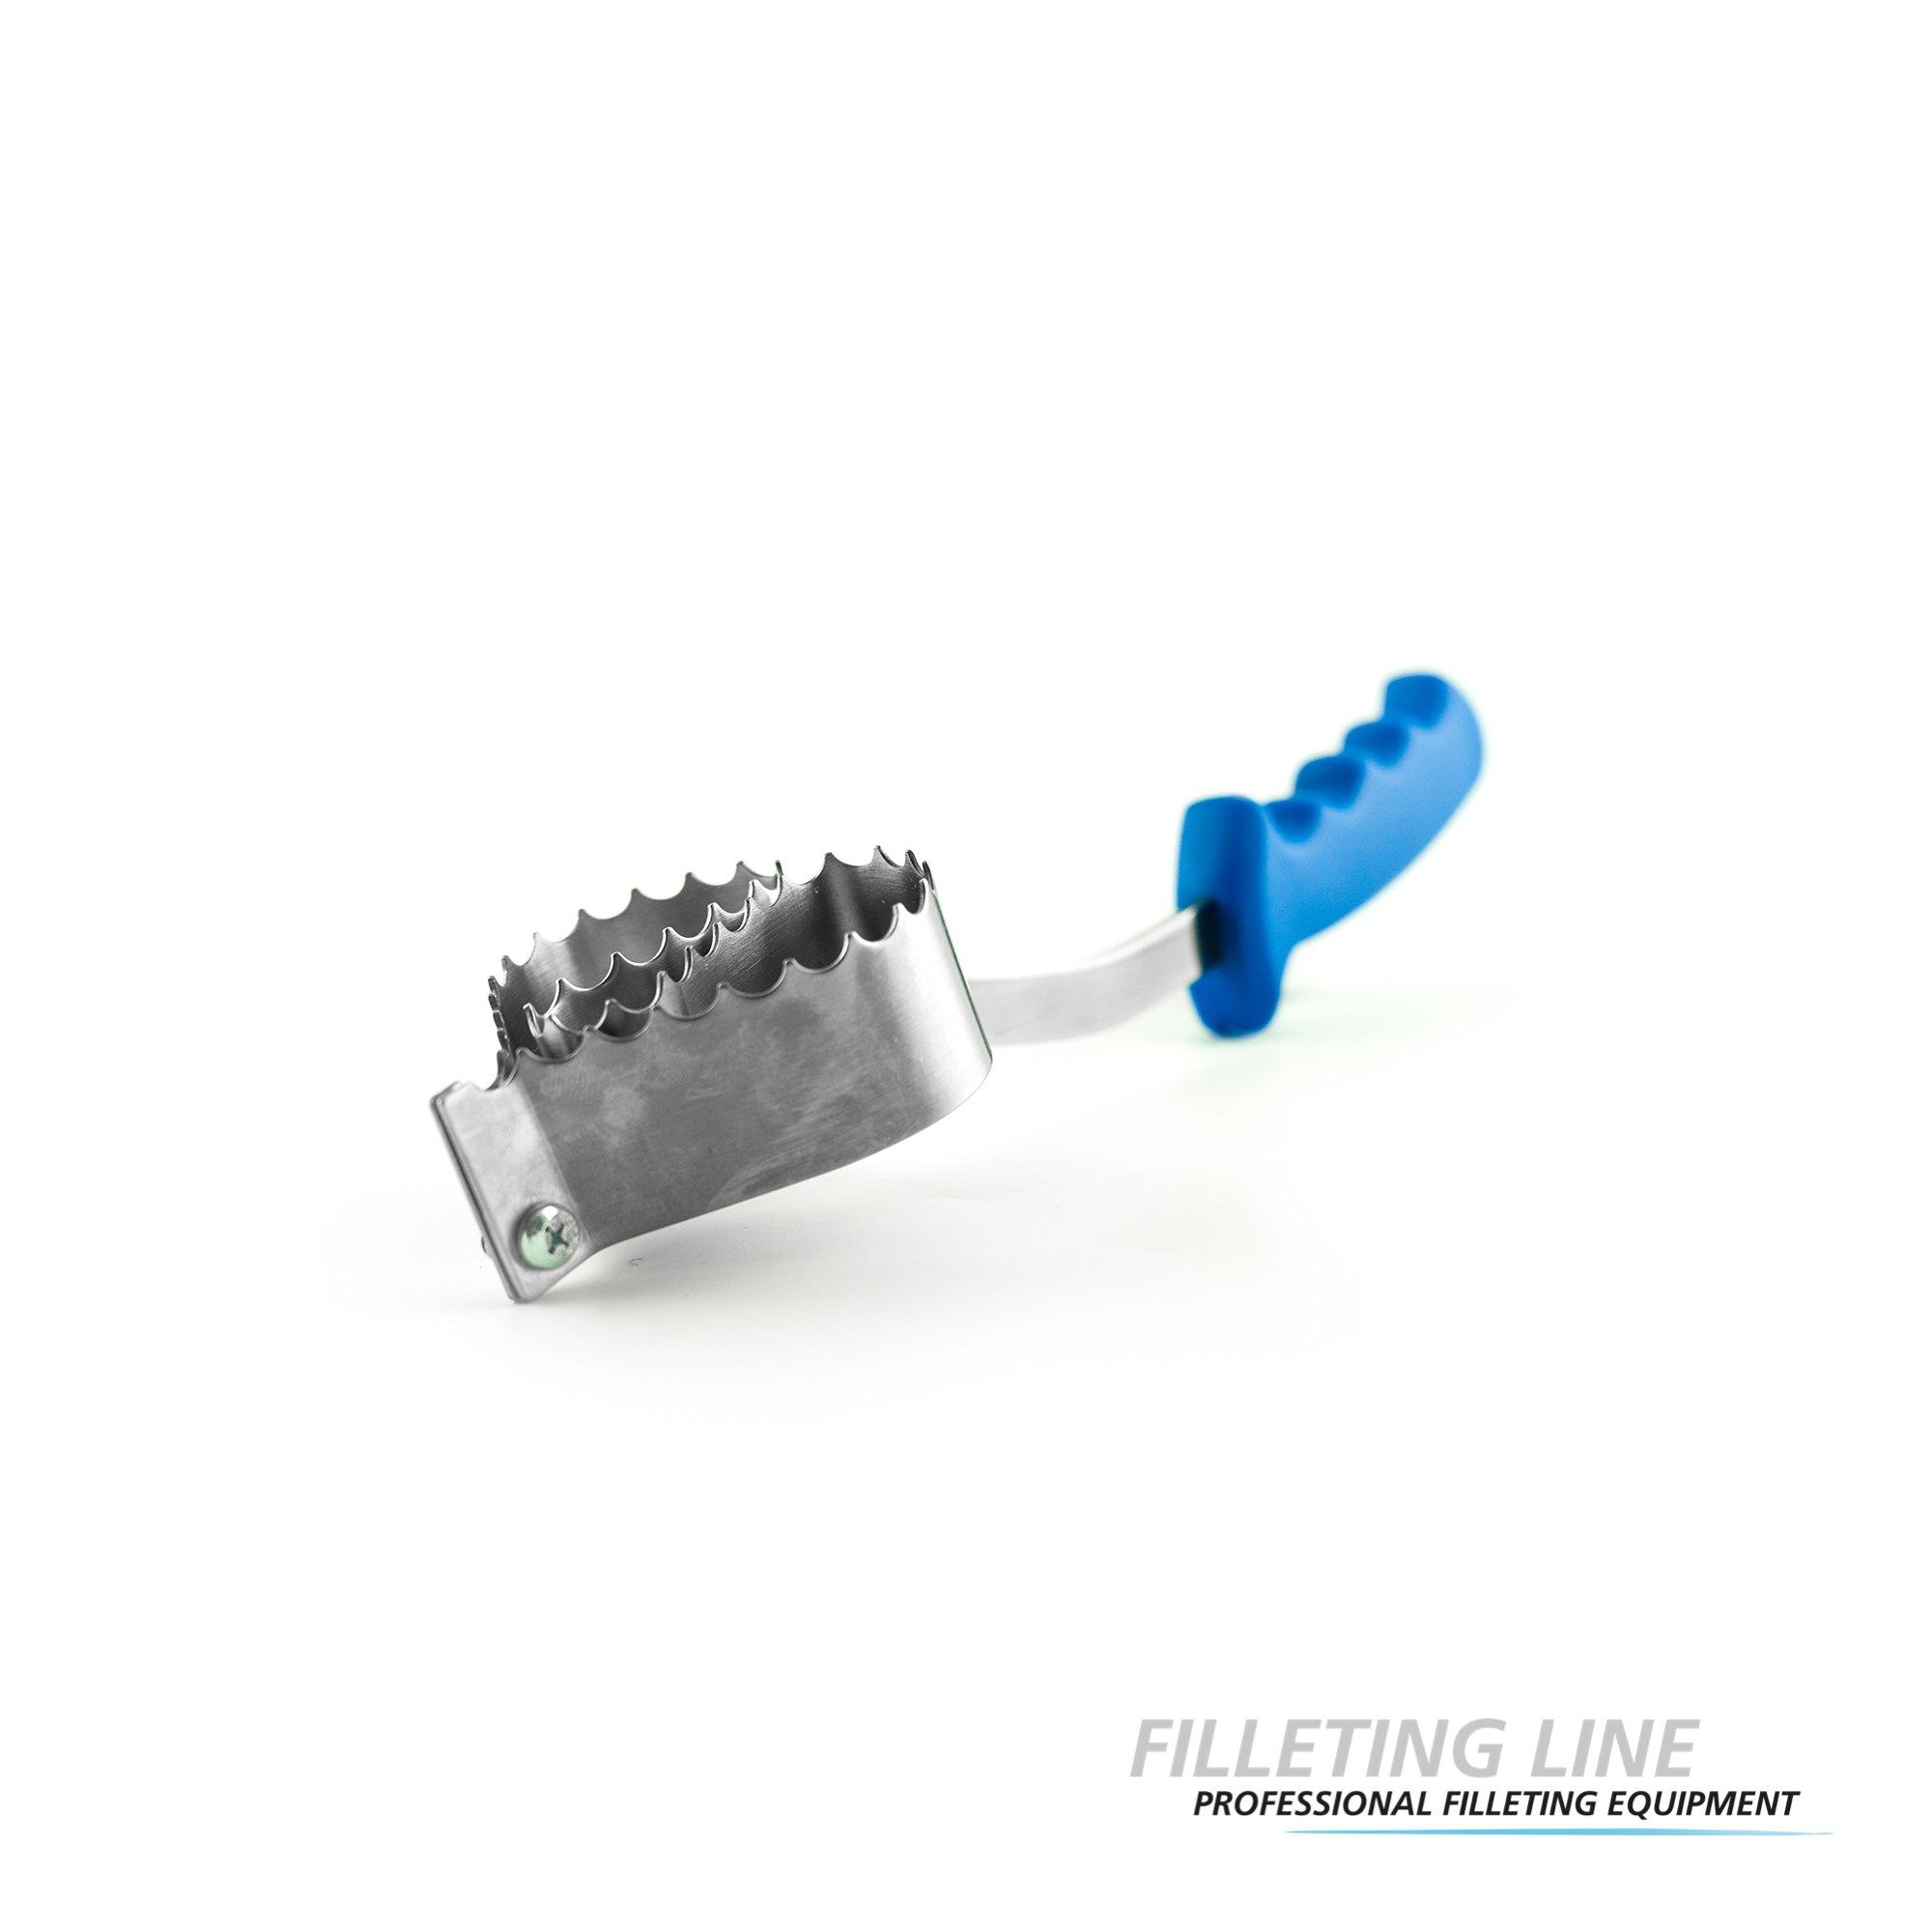 FILLETING LINE_2000x2000_45_logo_-20